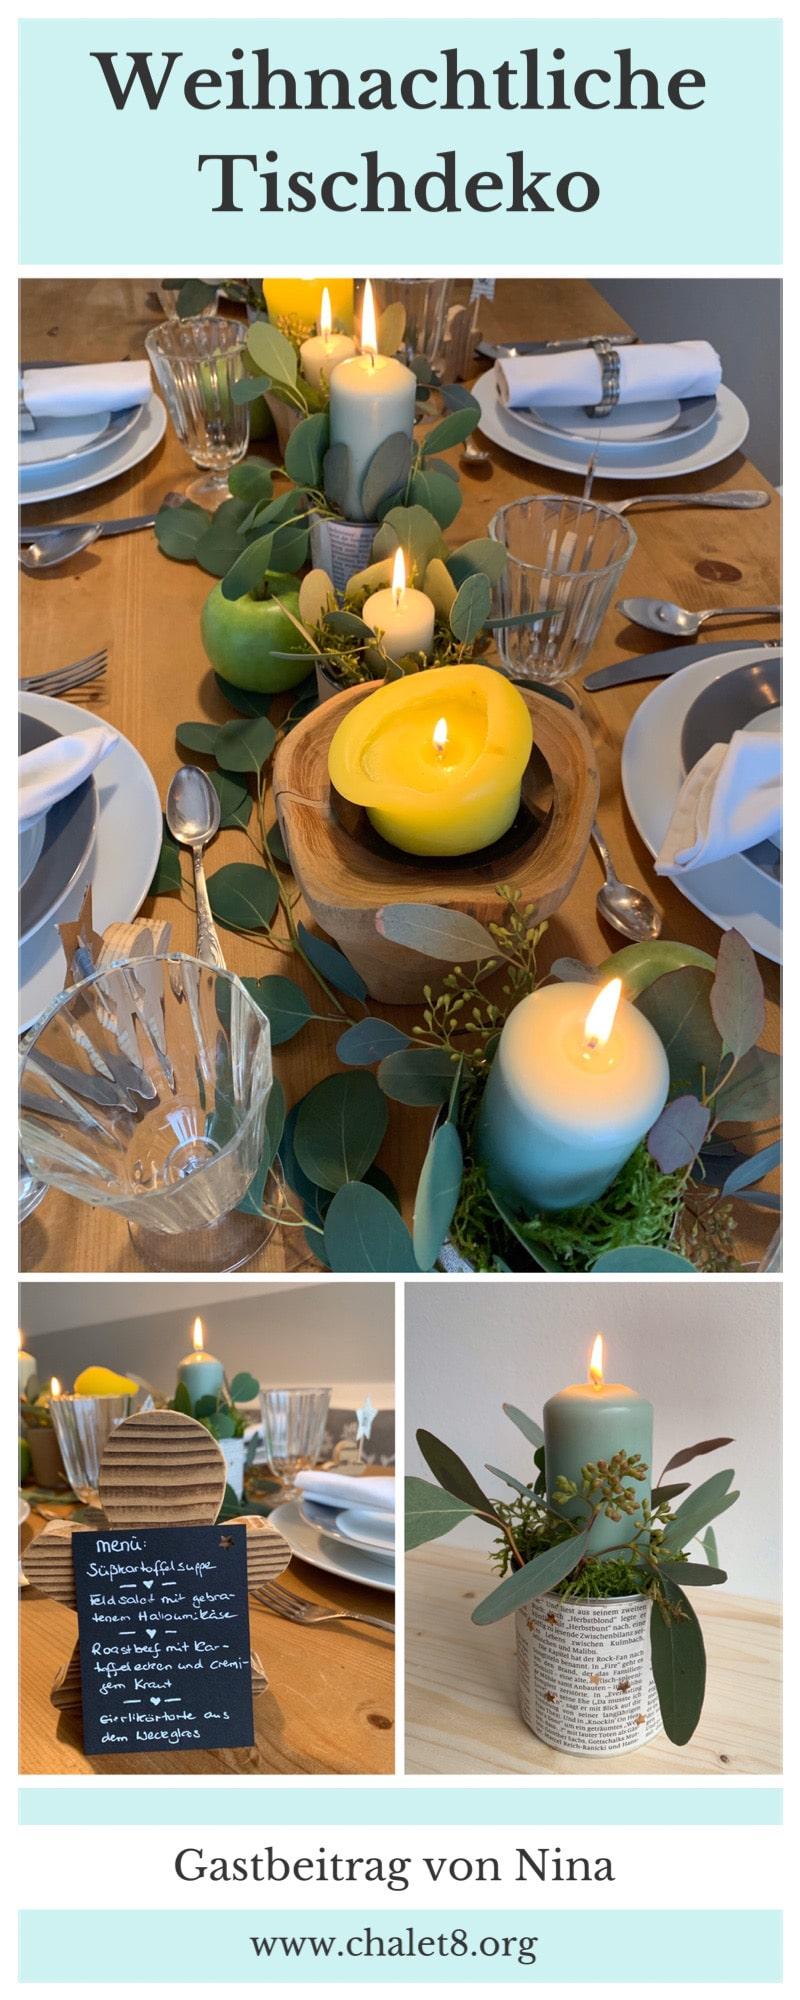 Tischdeko an Weihnachten mit einfachen DIYs. Weihnachtstisch mit Liebe dekorieren. dee fürTischdekoration an Weihnachten. #Chalet8 #Yeswewood #Tischdeko #Weihnachten